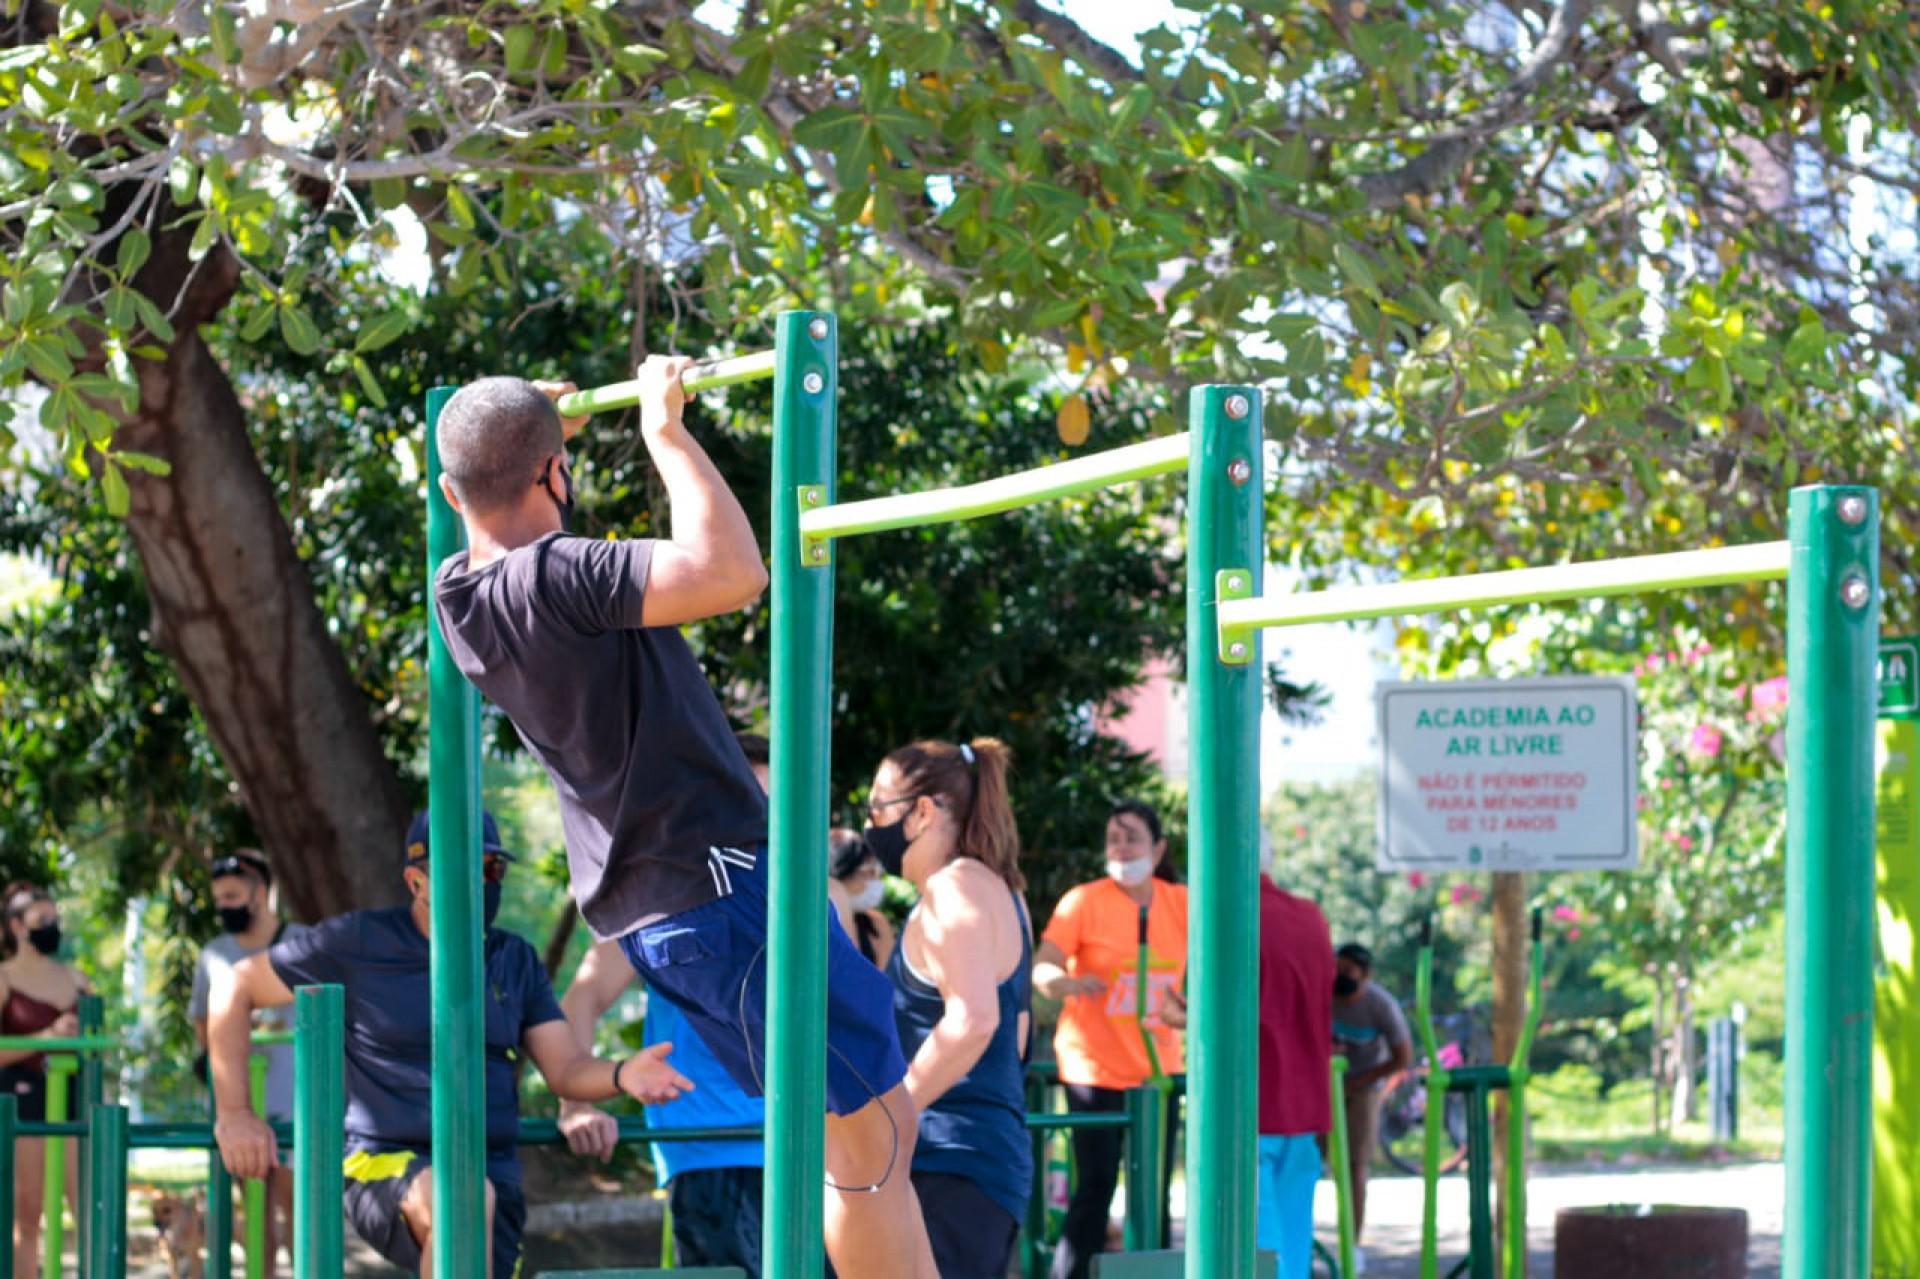 Movimentação no Parque do Cocó na manhã de domingo, 23 de maio.